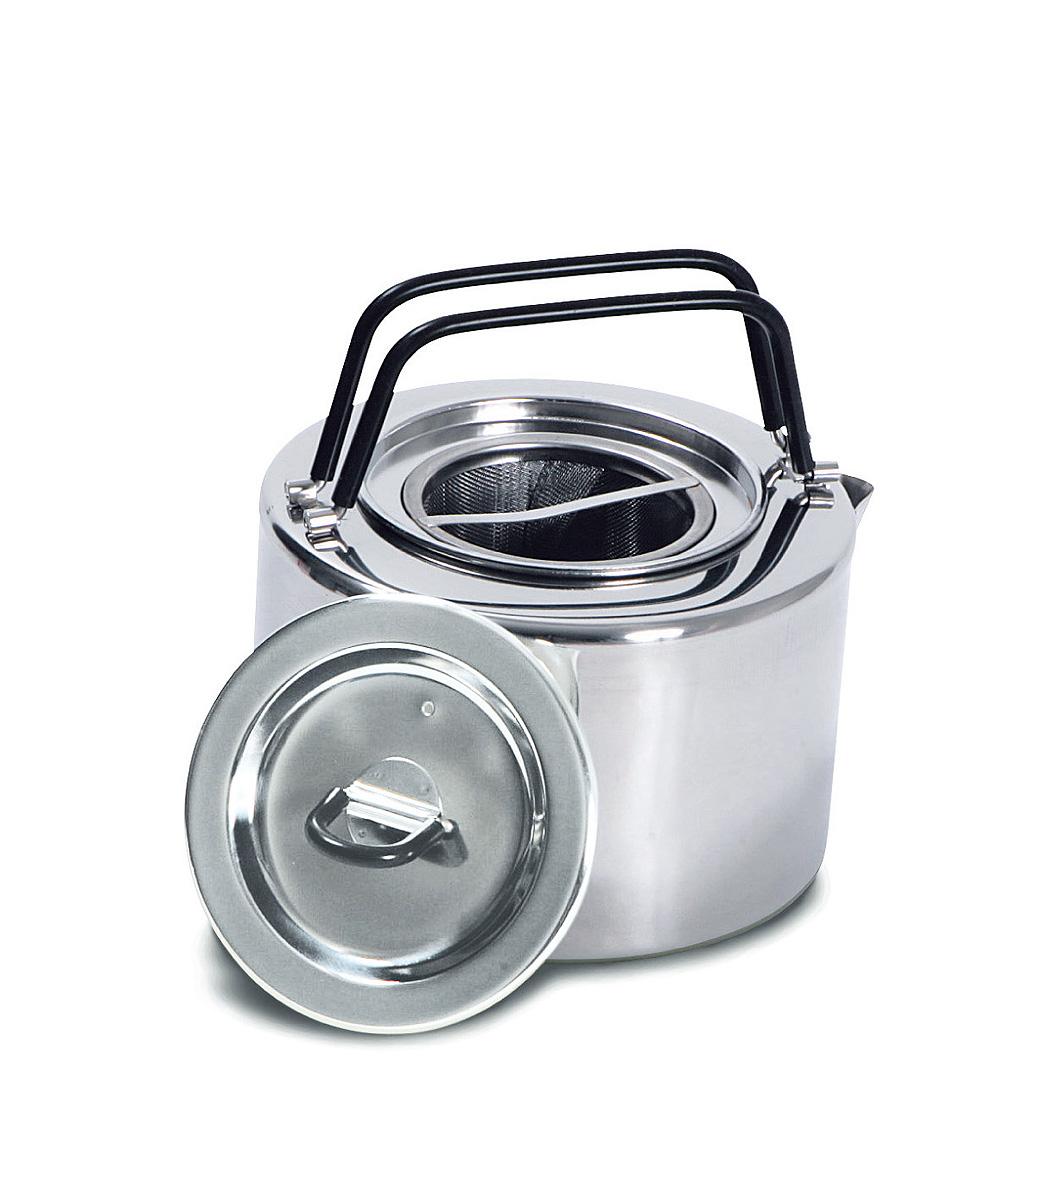 Чайник походный Tatonka Teapot, 1,5 л4016.000Чайник Tatonka Teapot из нержавеющей стали с термоизолированными ручками и компактным дизайном. Замечательно подходит для использования дома и на выезде. В комплекте ситечко из нержавеющей стали. Преимущества и особенности: Высококачественная нержавеющая сталь. Складные термоизолированные ручки. Крышка со складной термоизолированной ручкой. Компактный дизайн. Ситечко из нержавеющей стали. Диаметр чайника: 14,5 см. Высота чайника: 9 см.